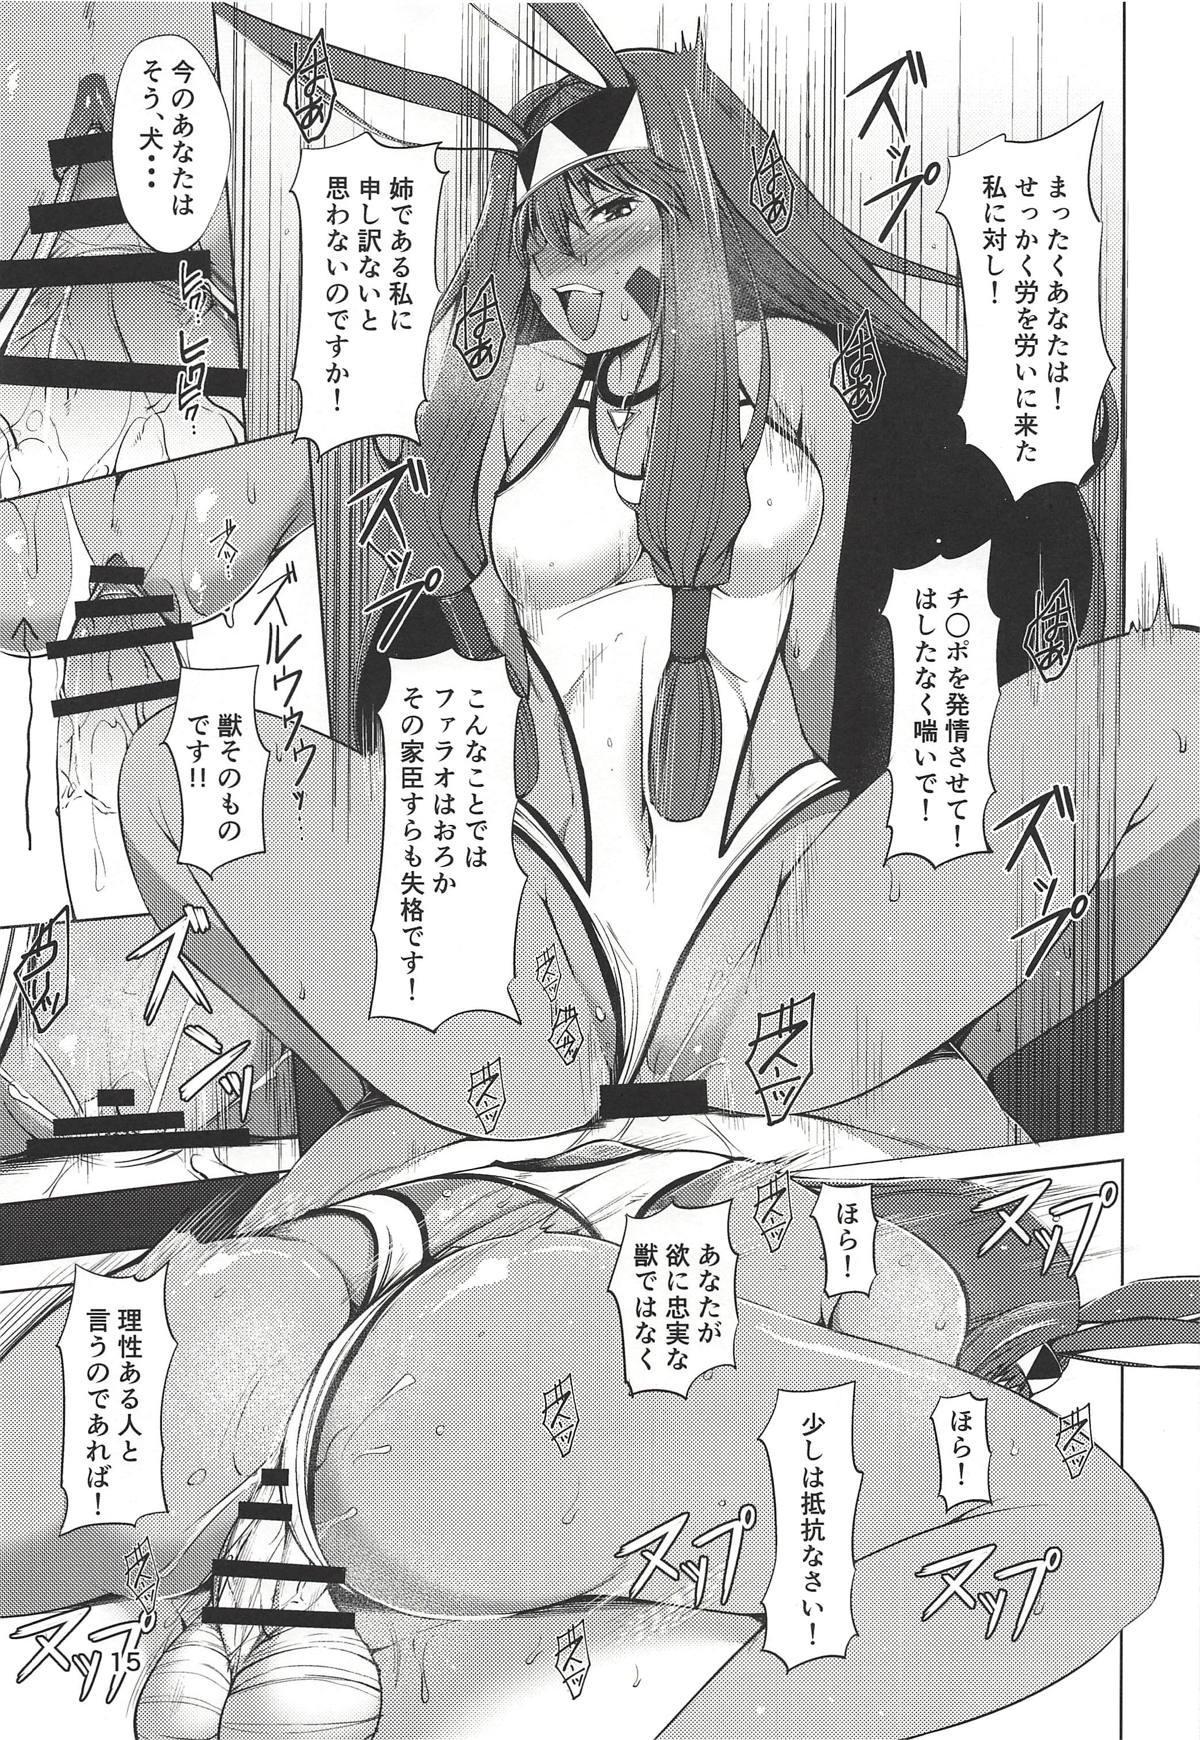 S-kke no Tsuyoi Nitocris 13